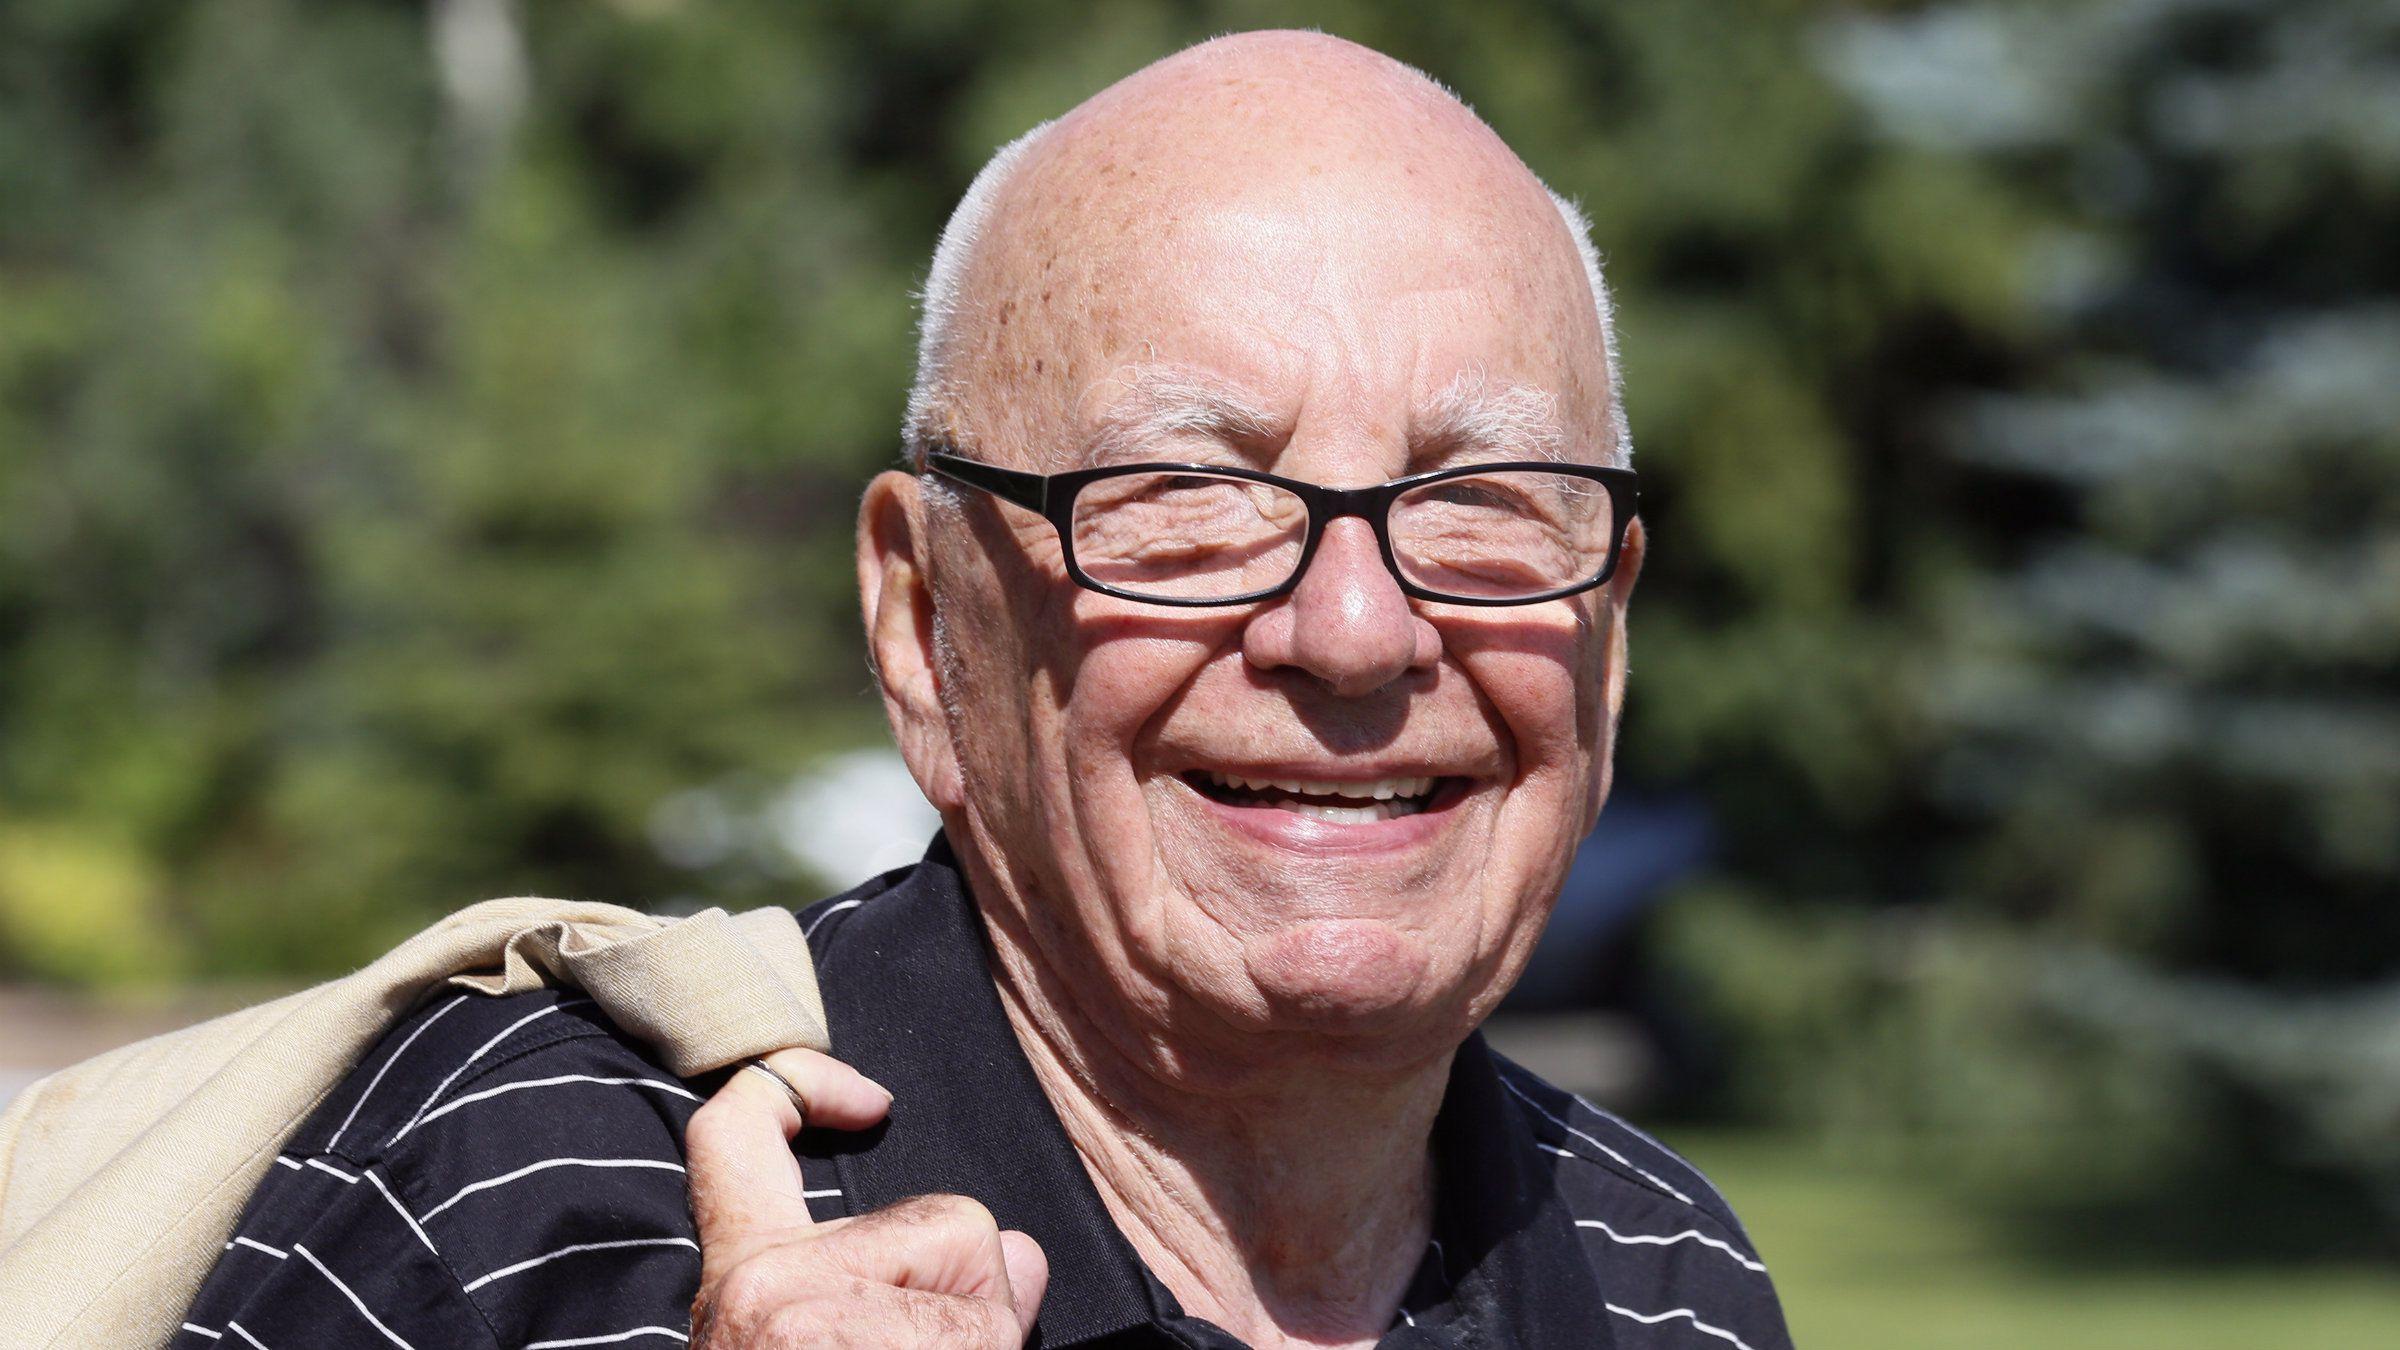 Rupert Murdoch in Sun Valley.